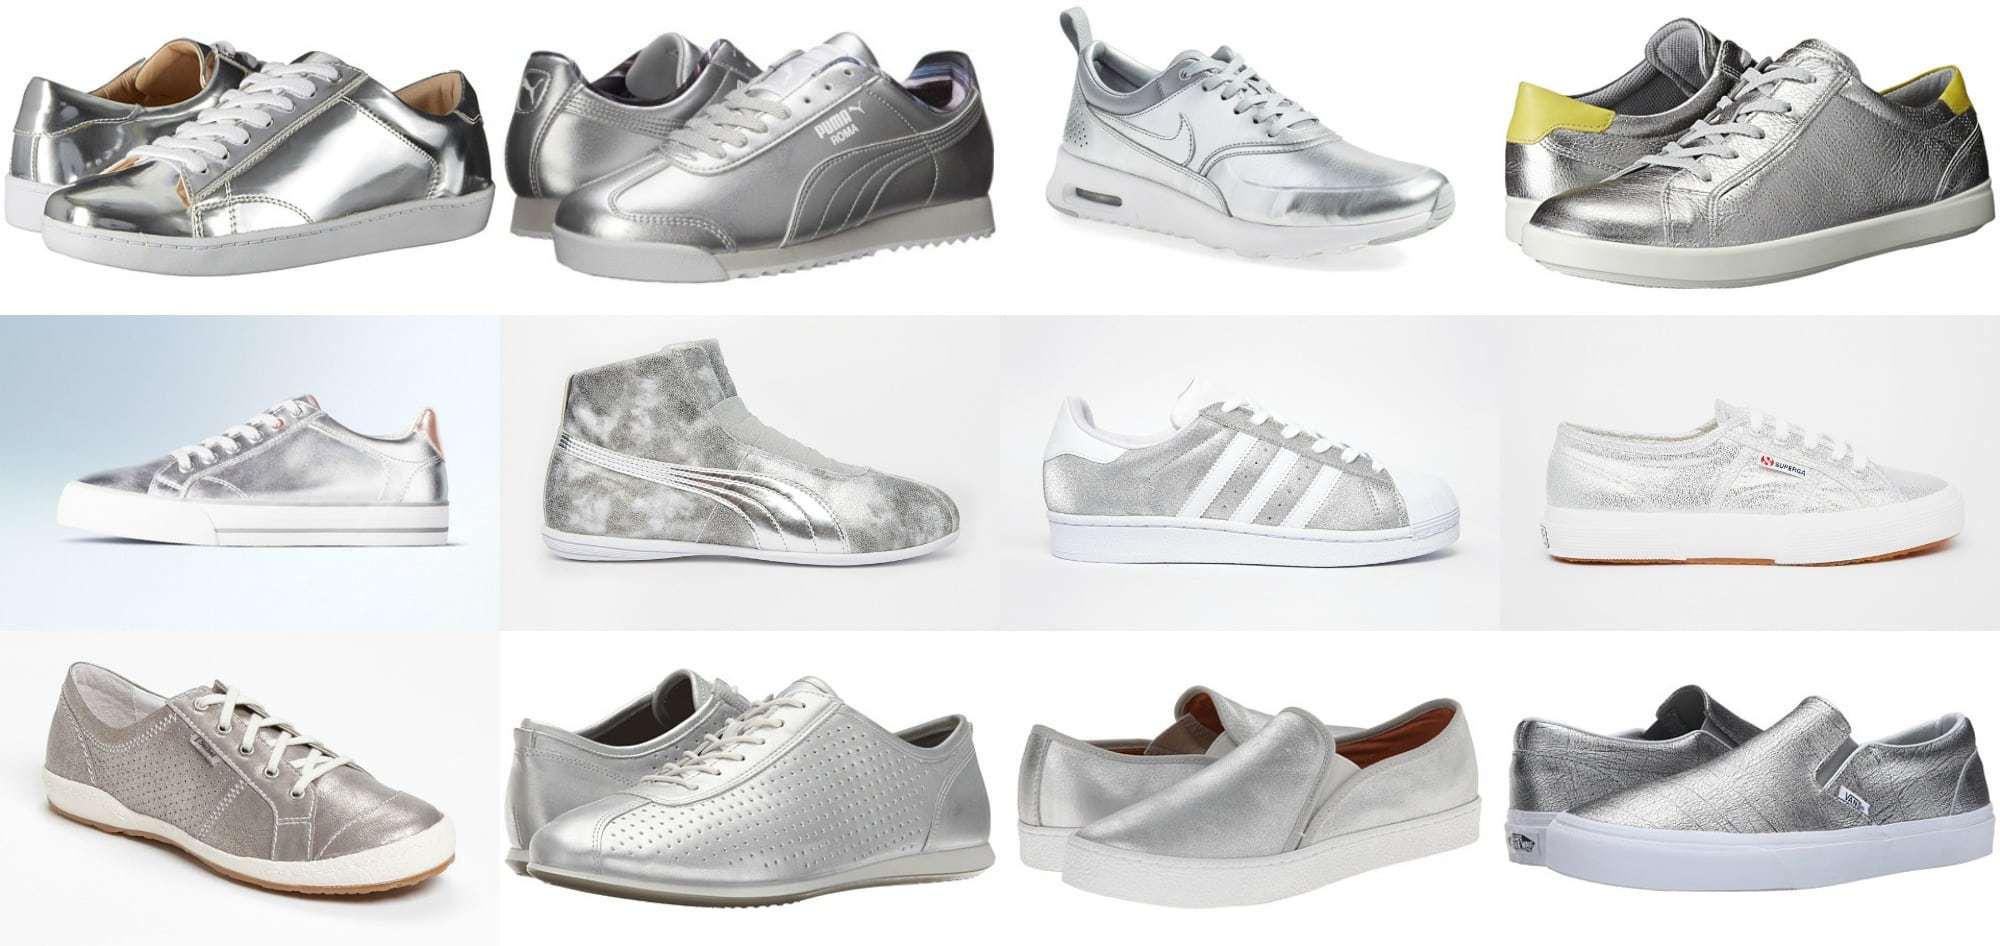 Wardrobe Oxygen - Silver Sneaker Trend for 2016 the best styles